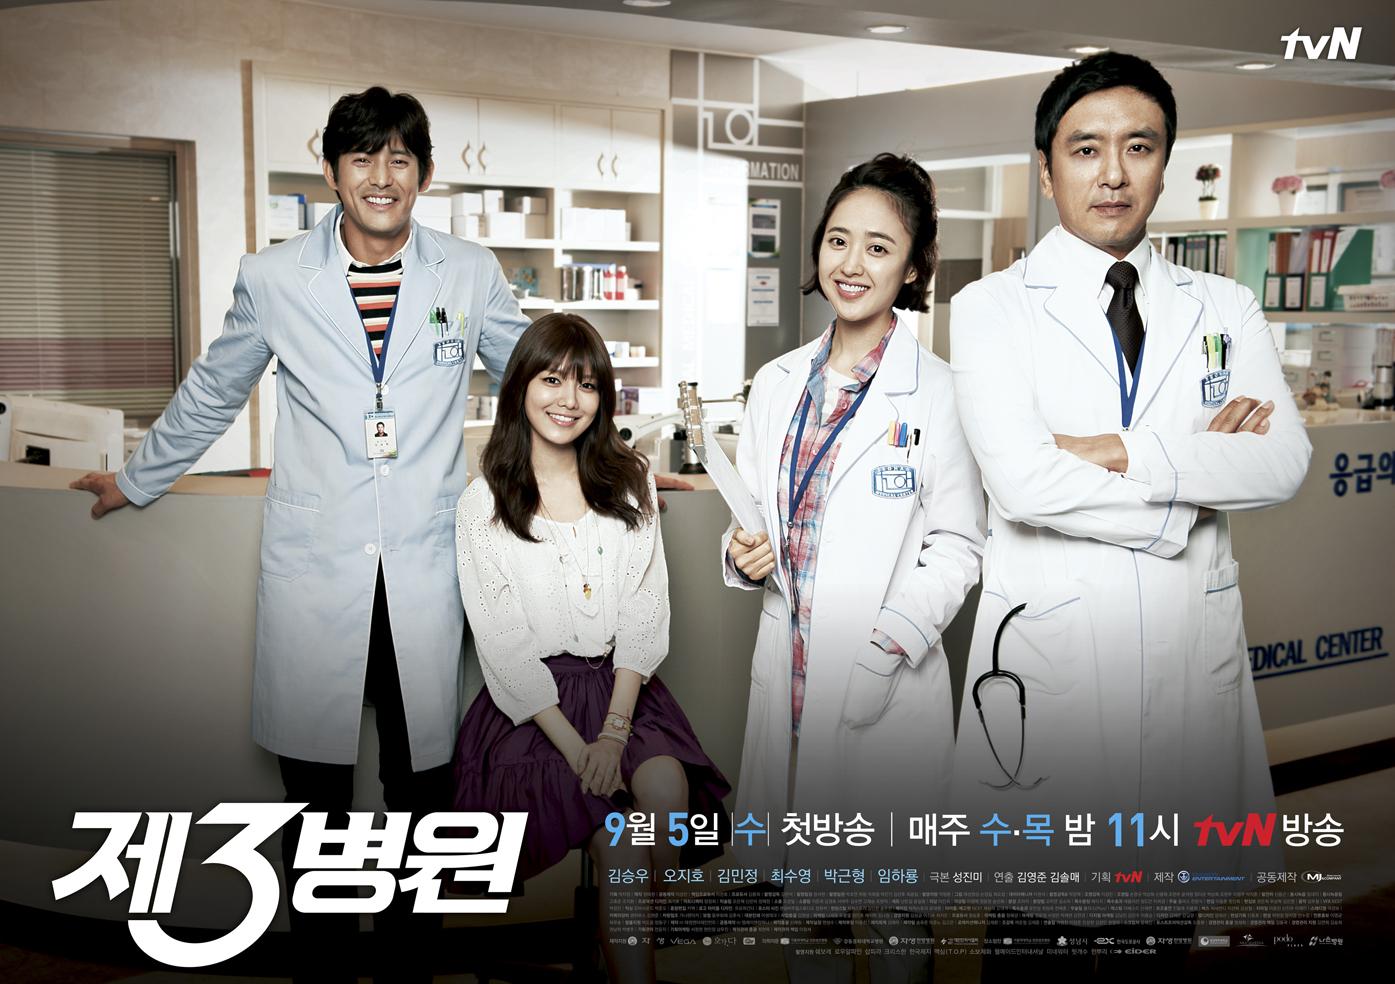 Bệnh Viện Thứ 3 - The 3rd Hospital tvN 2012